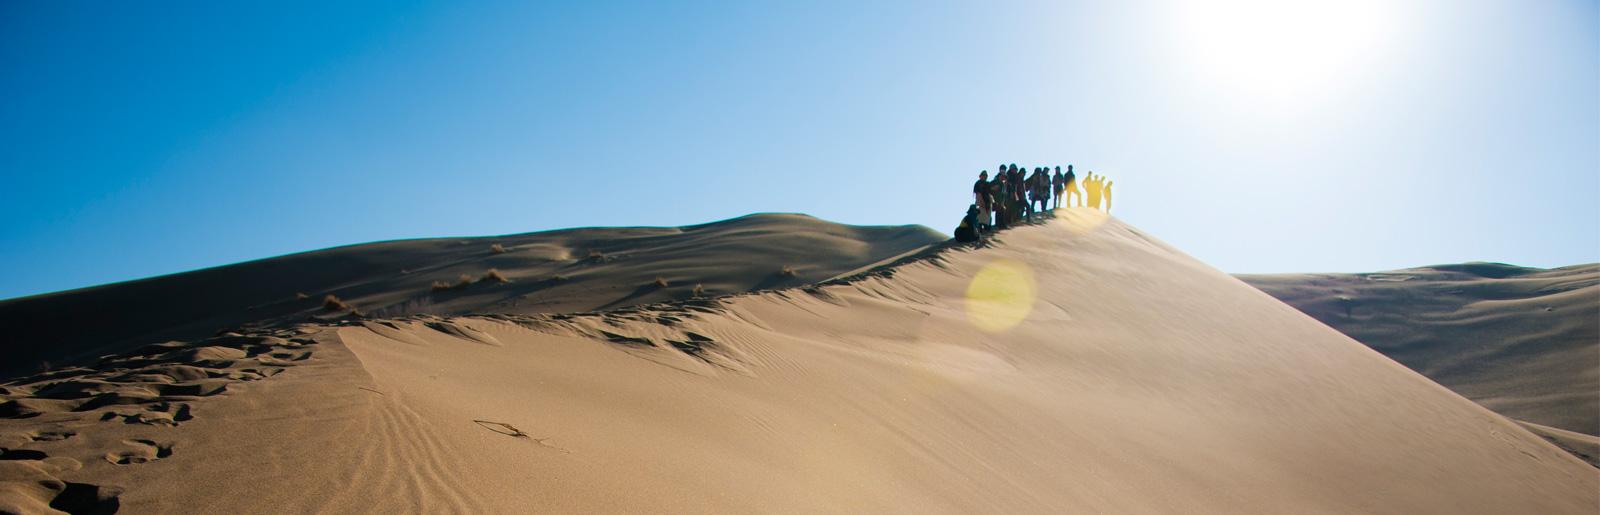 Desert Trekking in Dasht-e Kavir (Central Desert of Iran) and Lut Desert